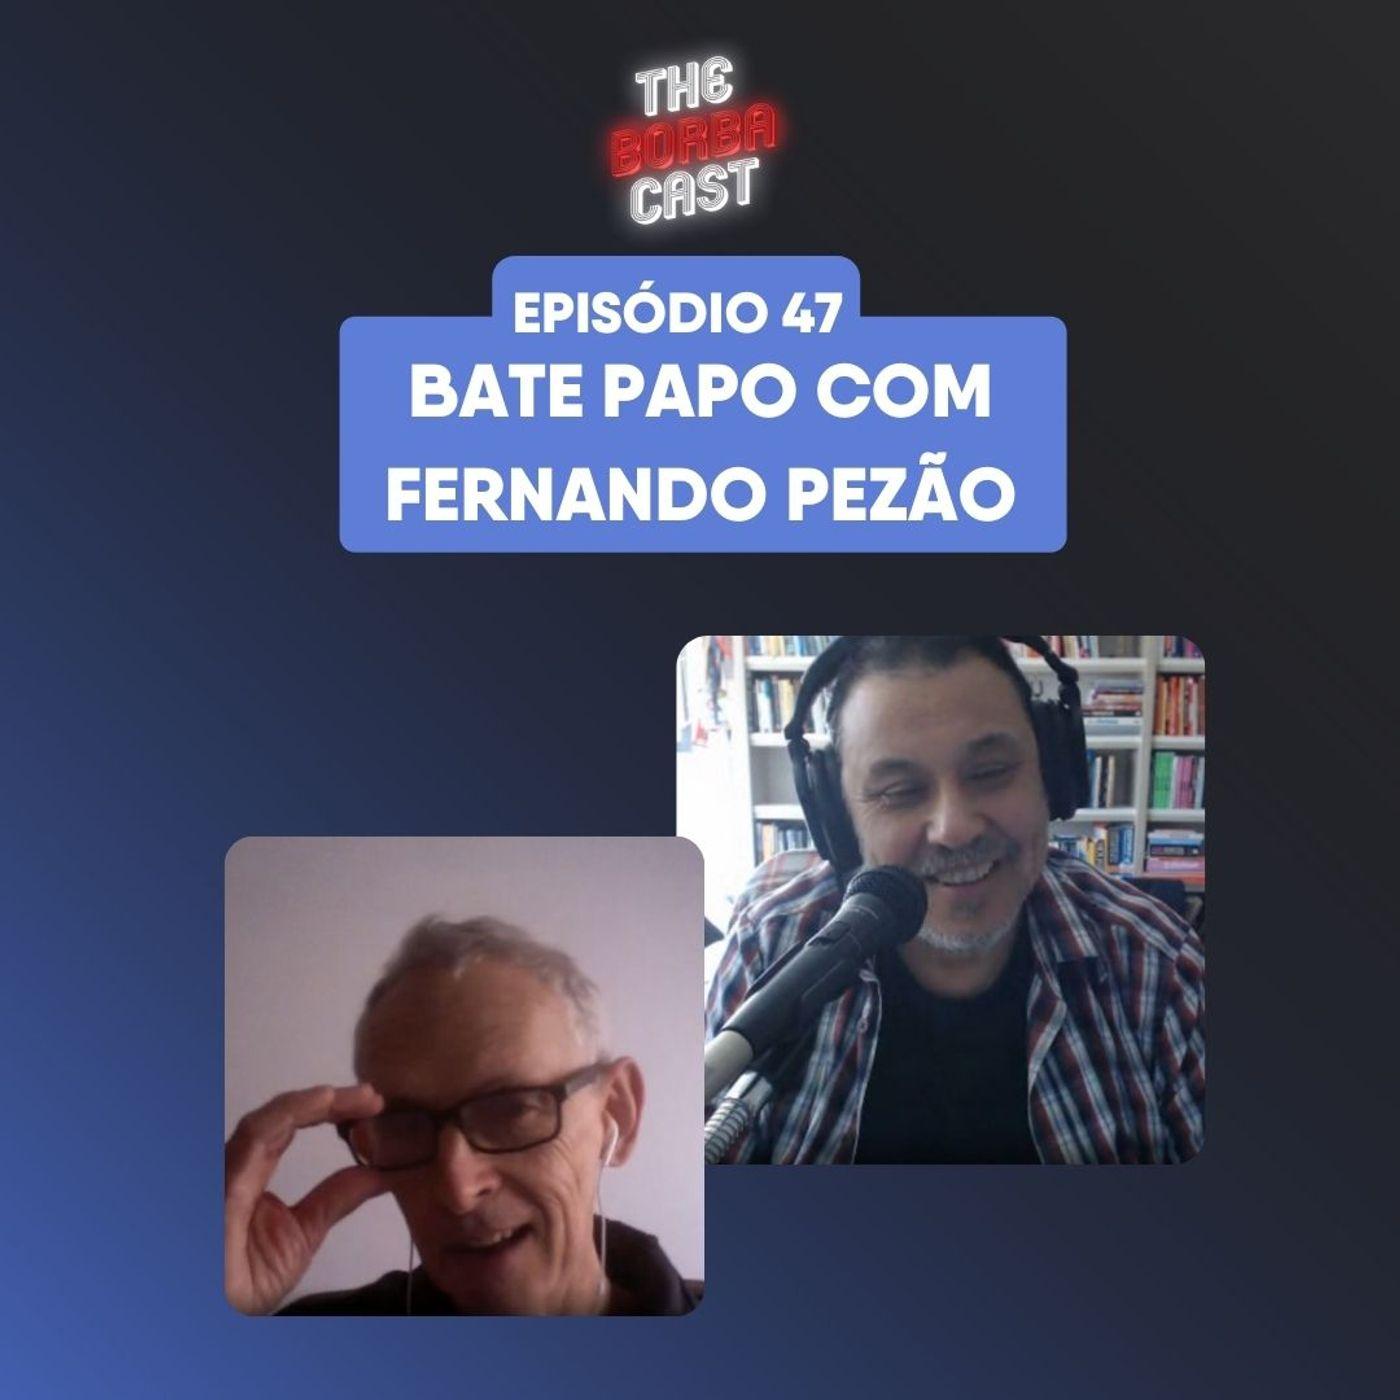 Episódio 47: Bate papo com Fernando pezão